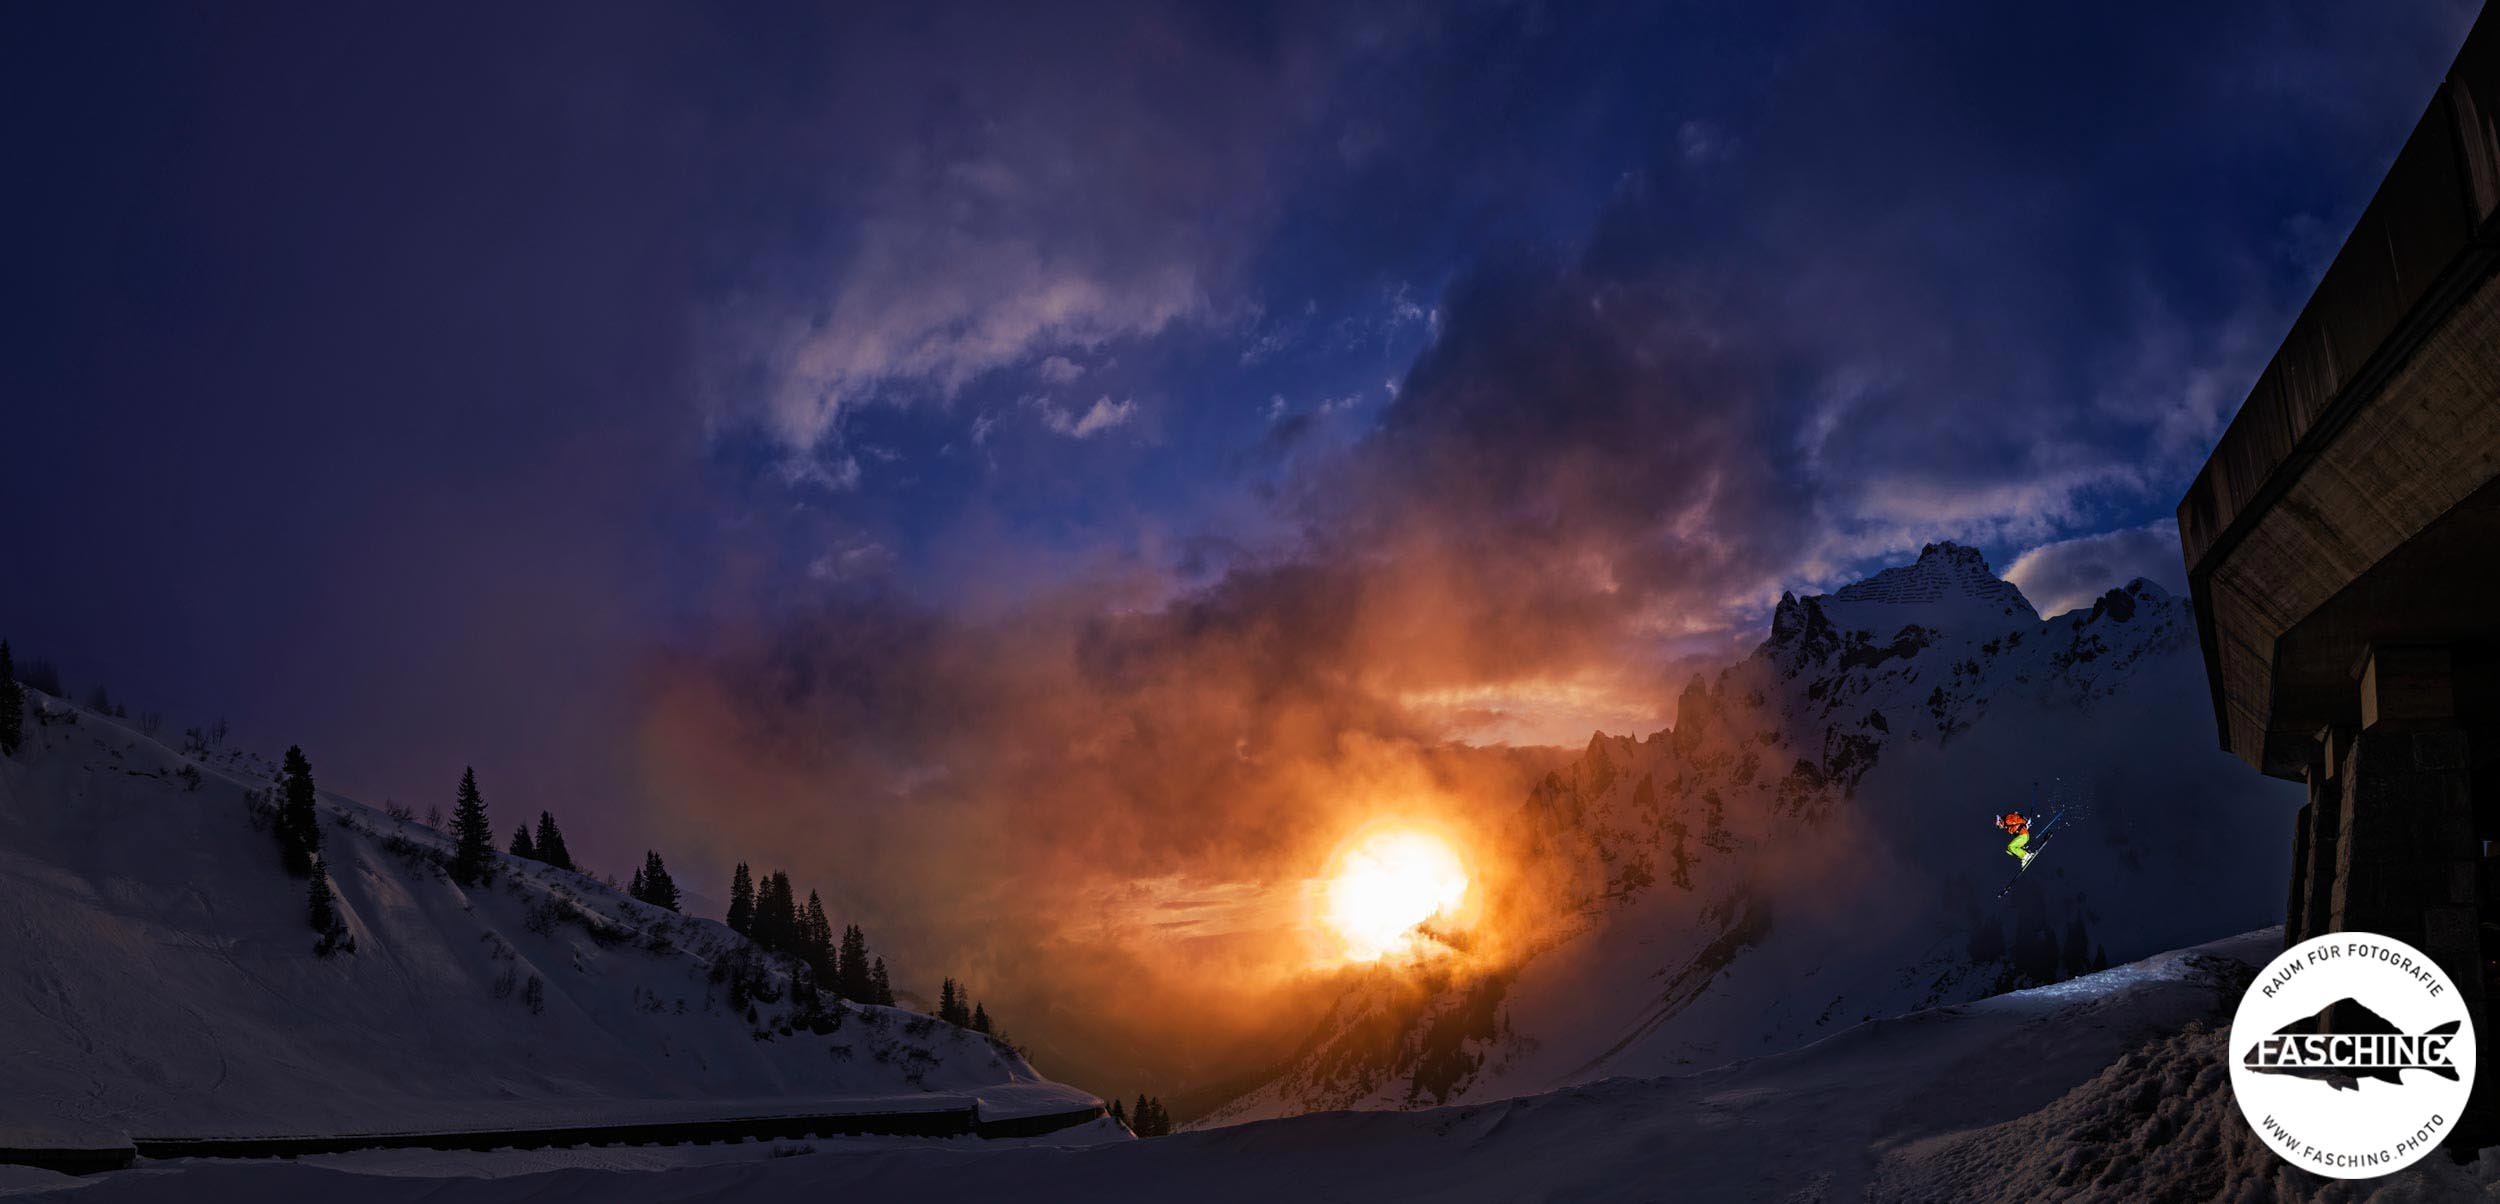 Actionbilder am Berg mit Schnee auf Ski fotografiert vom Studio Fasching in Bregenz